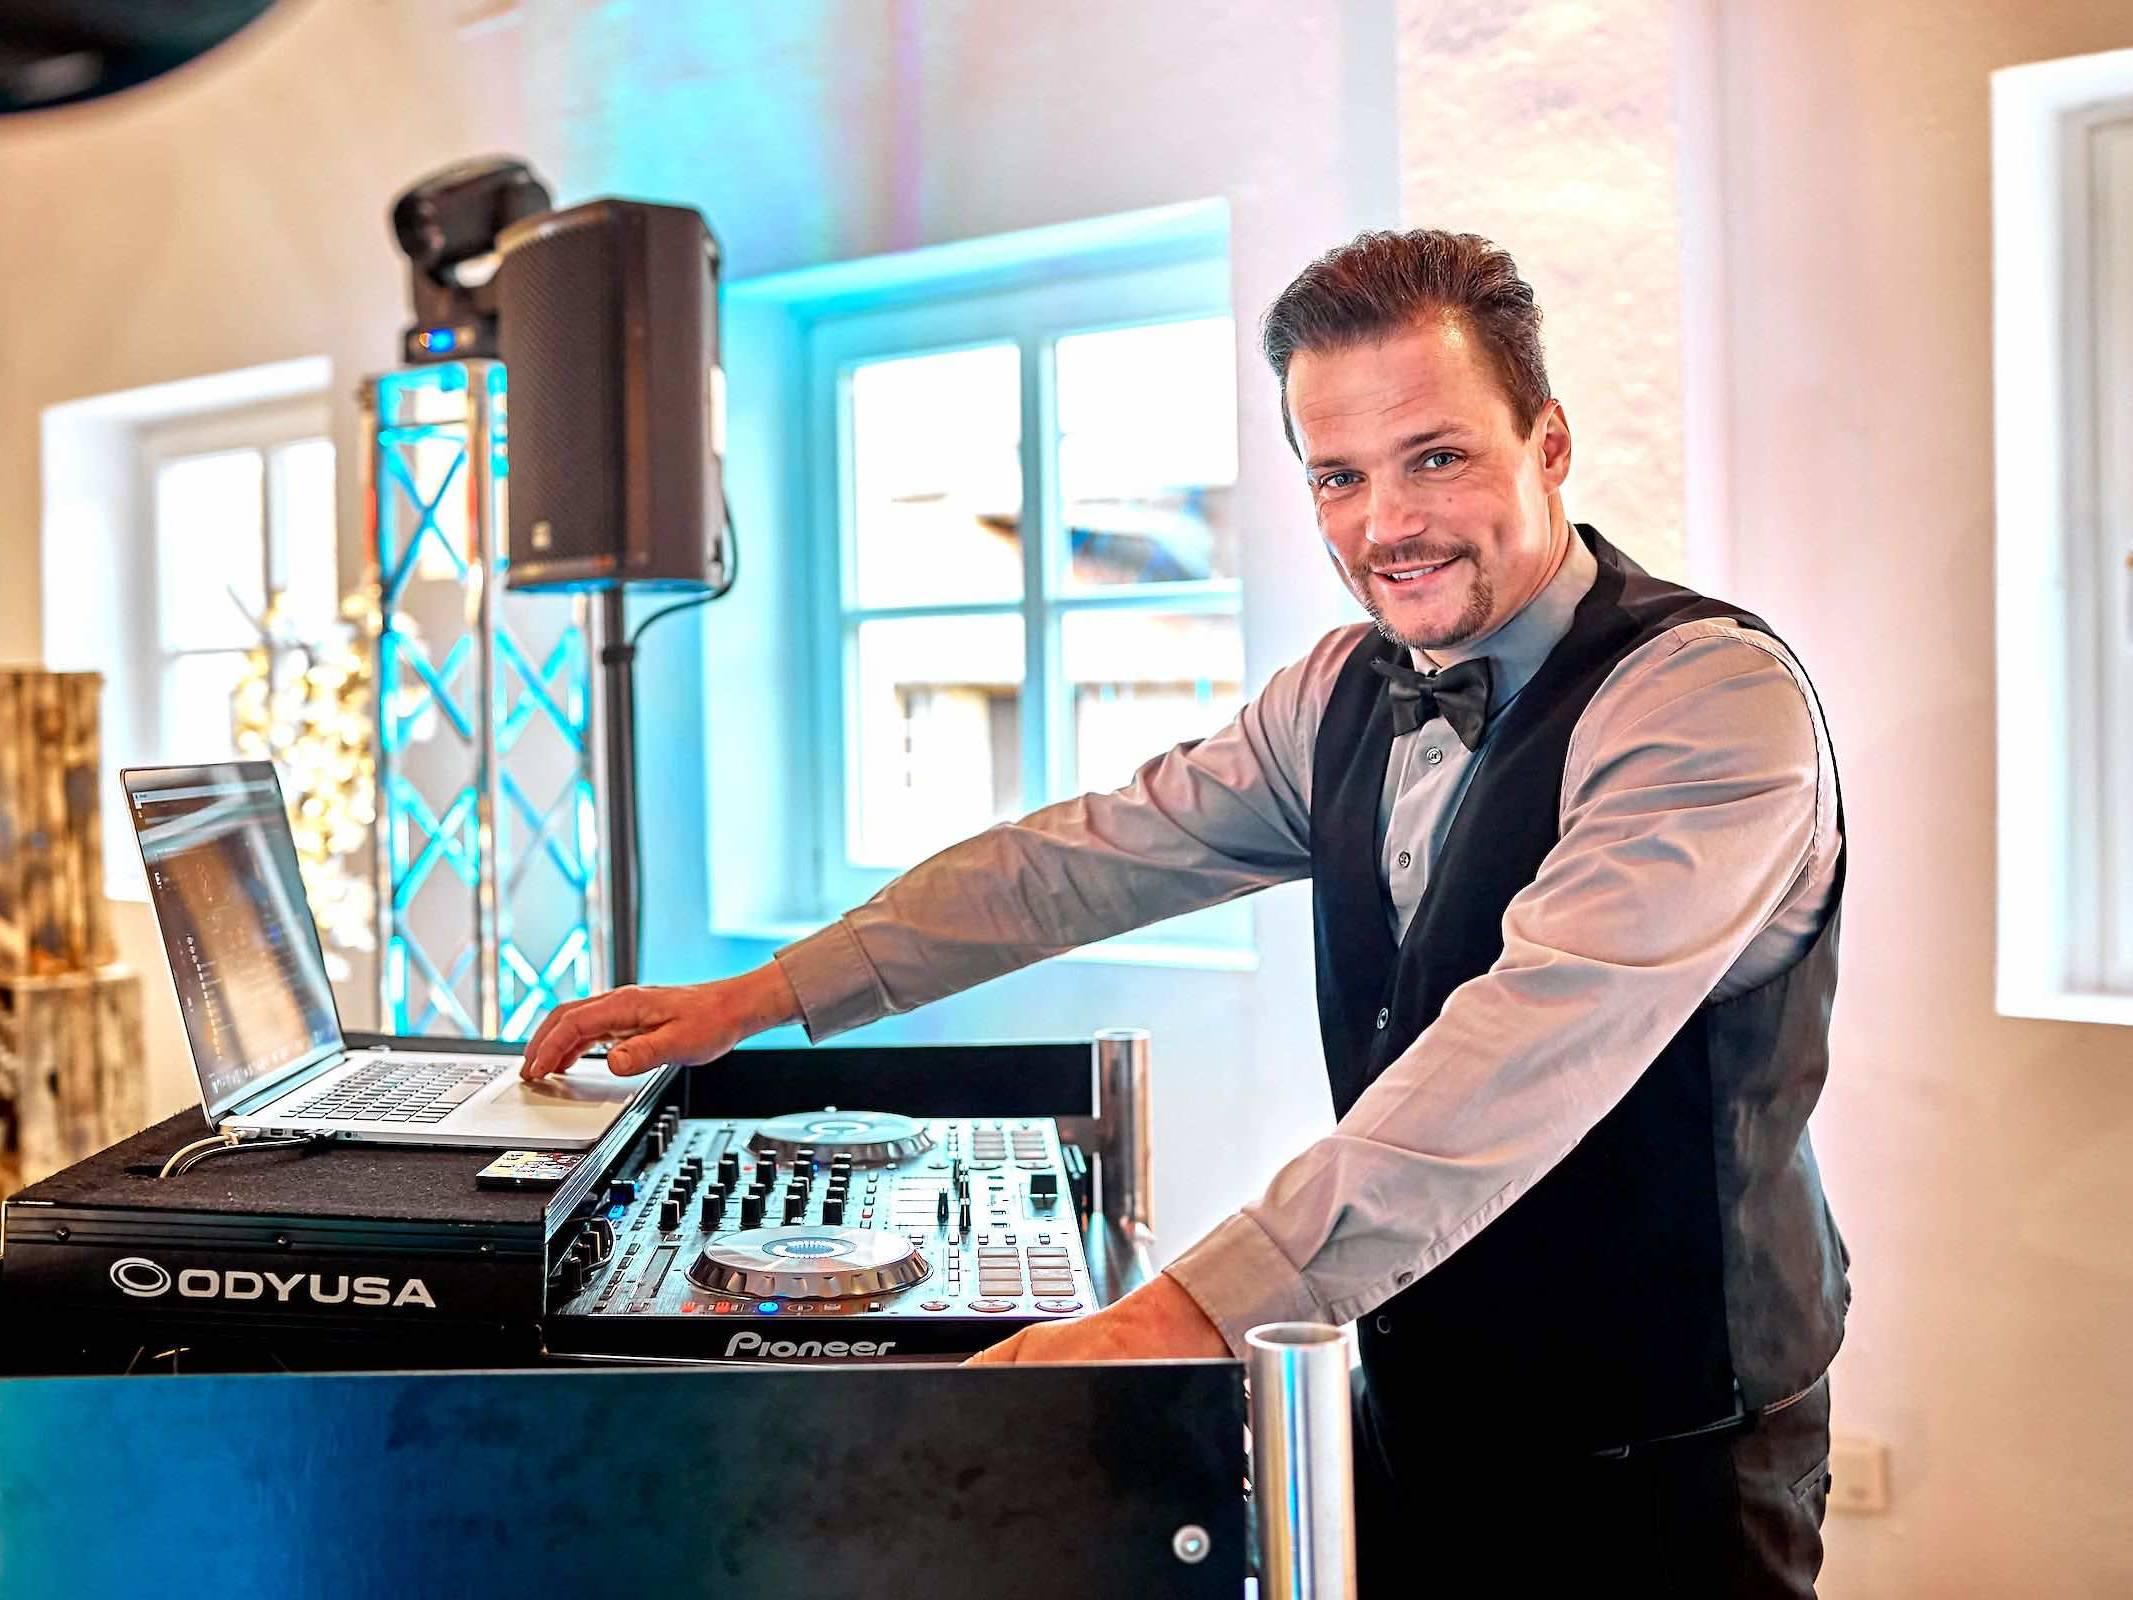 DJ | Hochzeit | Hamburg | Buchen | Discjockey | Marco | Messe | DJ | Bremen | DJ | Event | DJ | Geburtstag | DJ | Mieten | Anfragen | DJ | Service | DJ | Kosten | DJ | Agentur | Hamburgfeiert